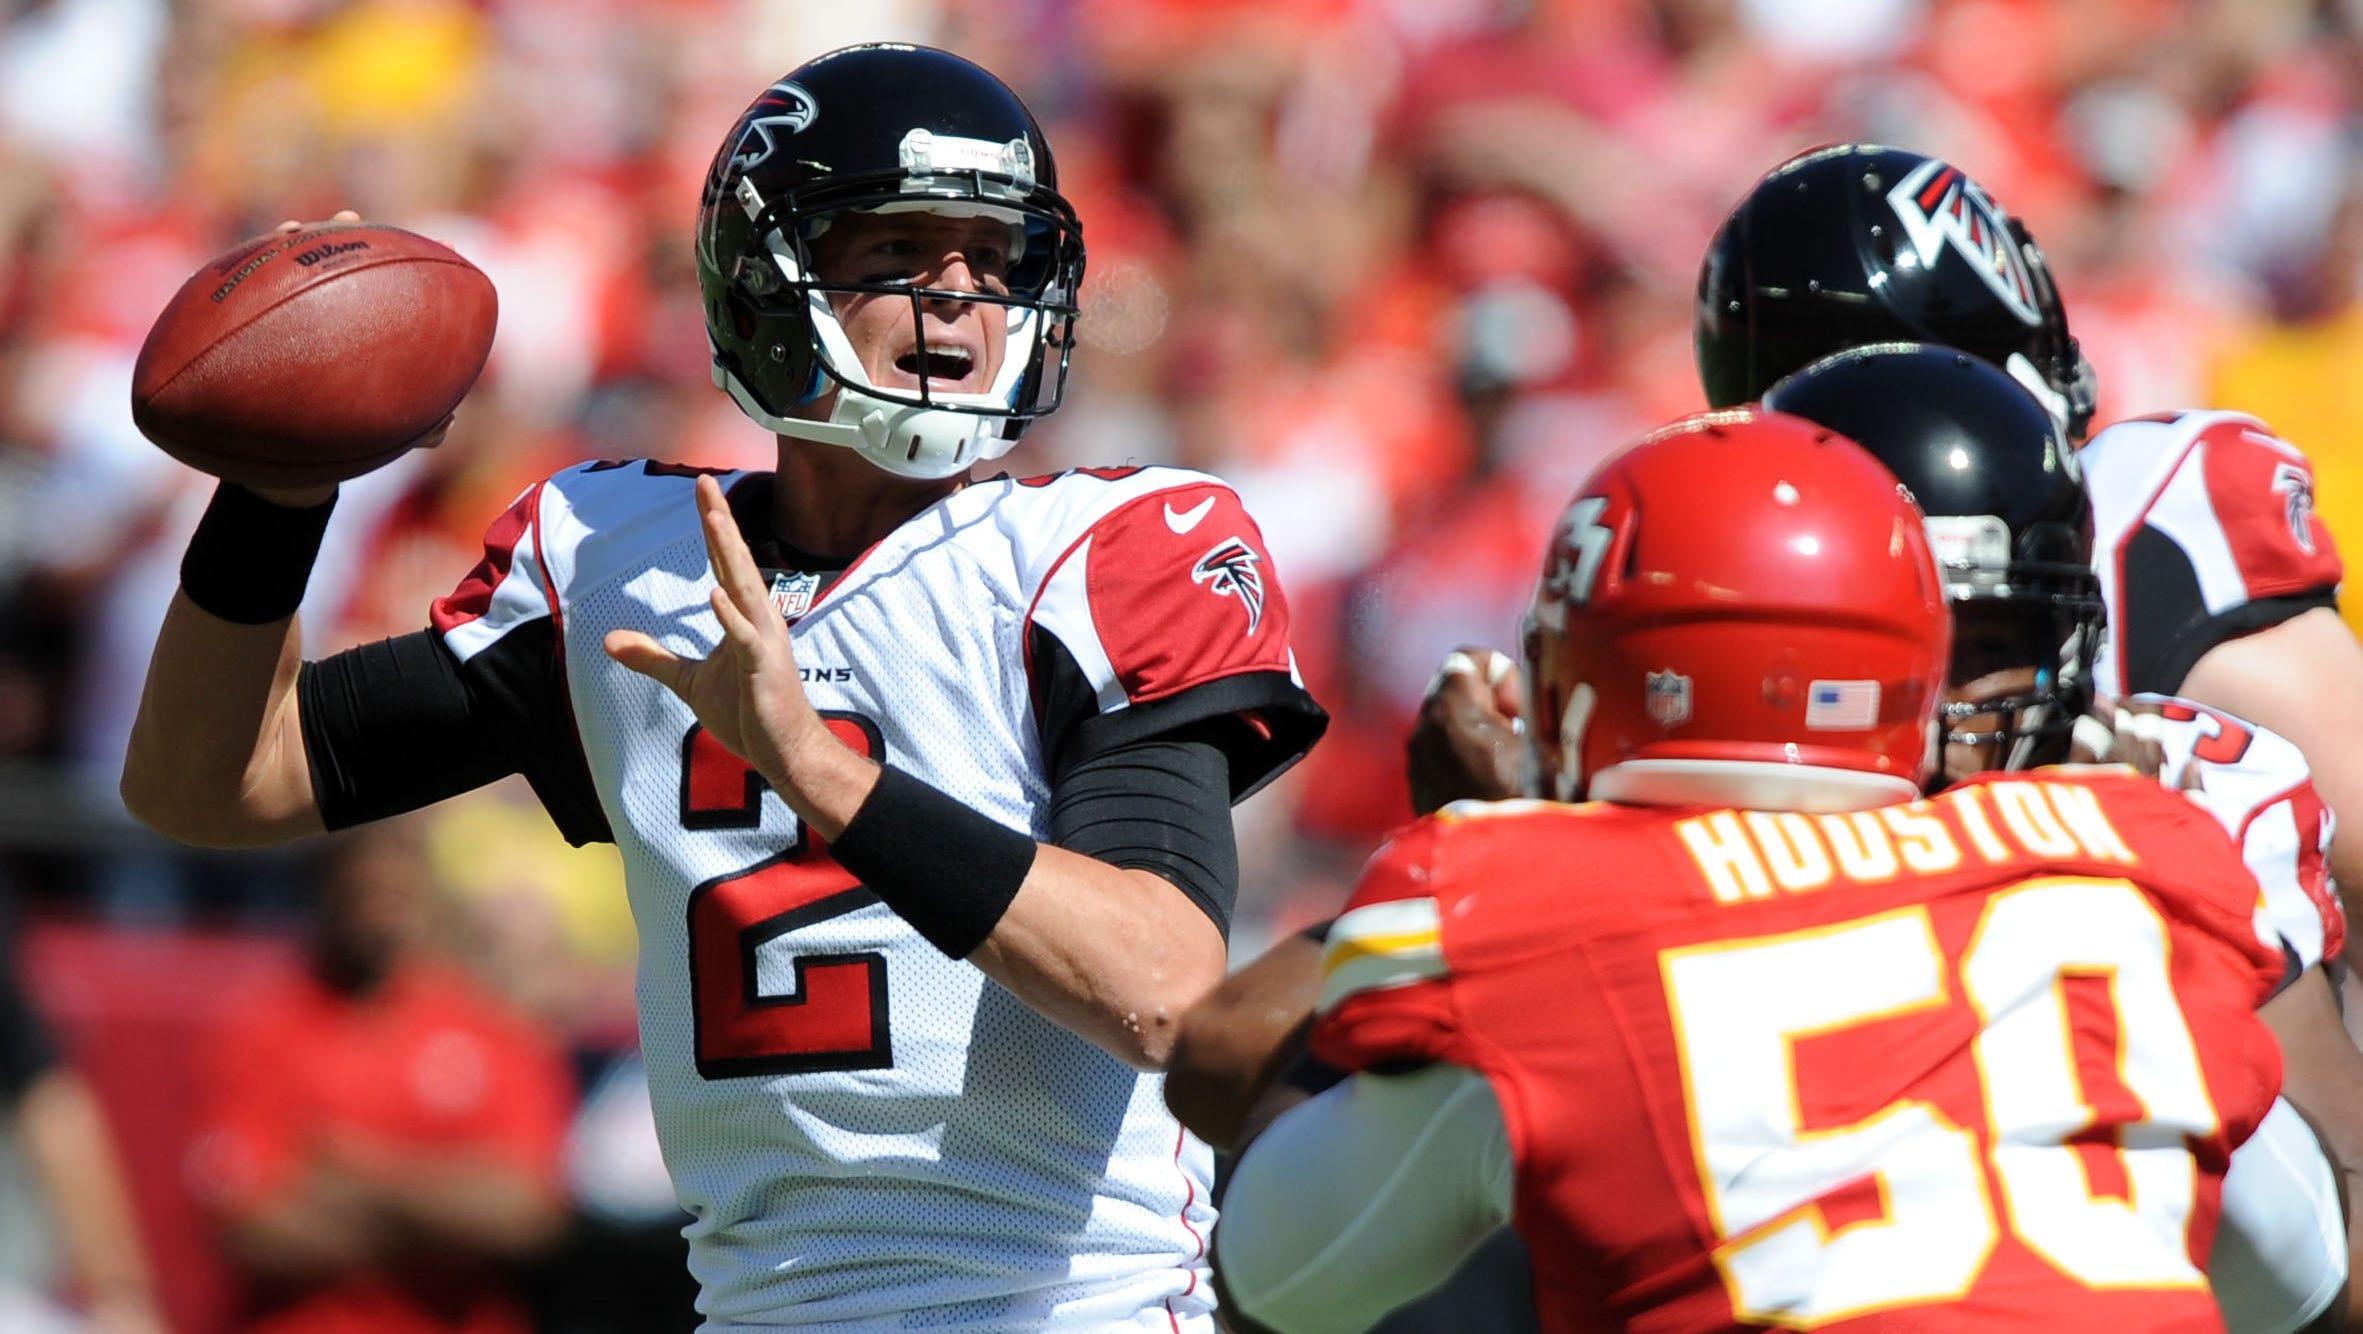 4. Matt Ryan, Atlanta Falcons